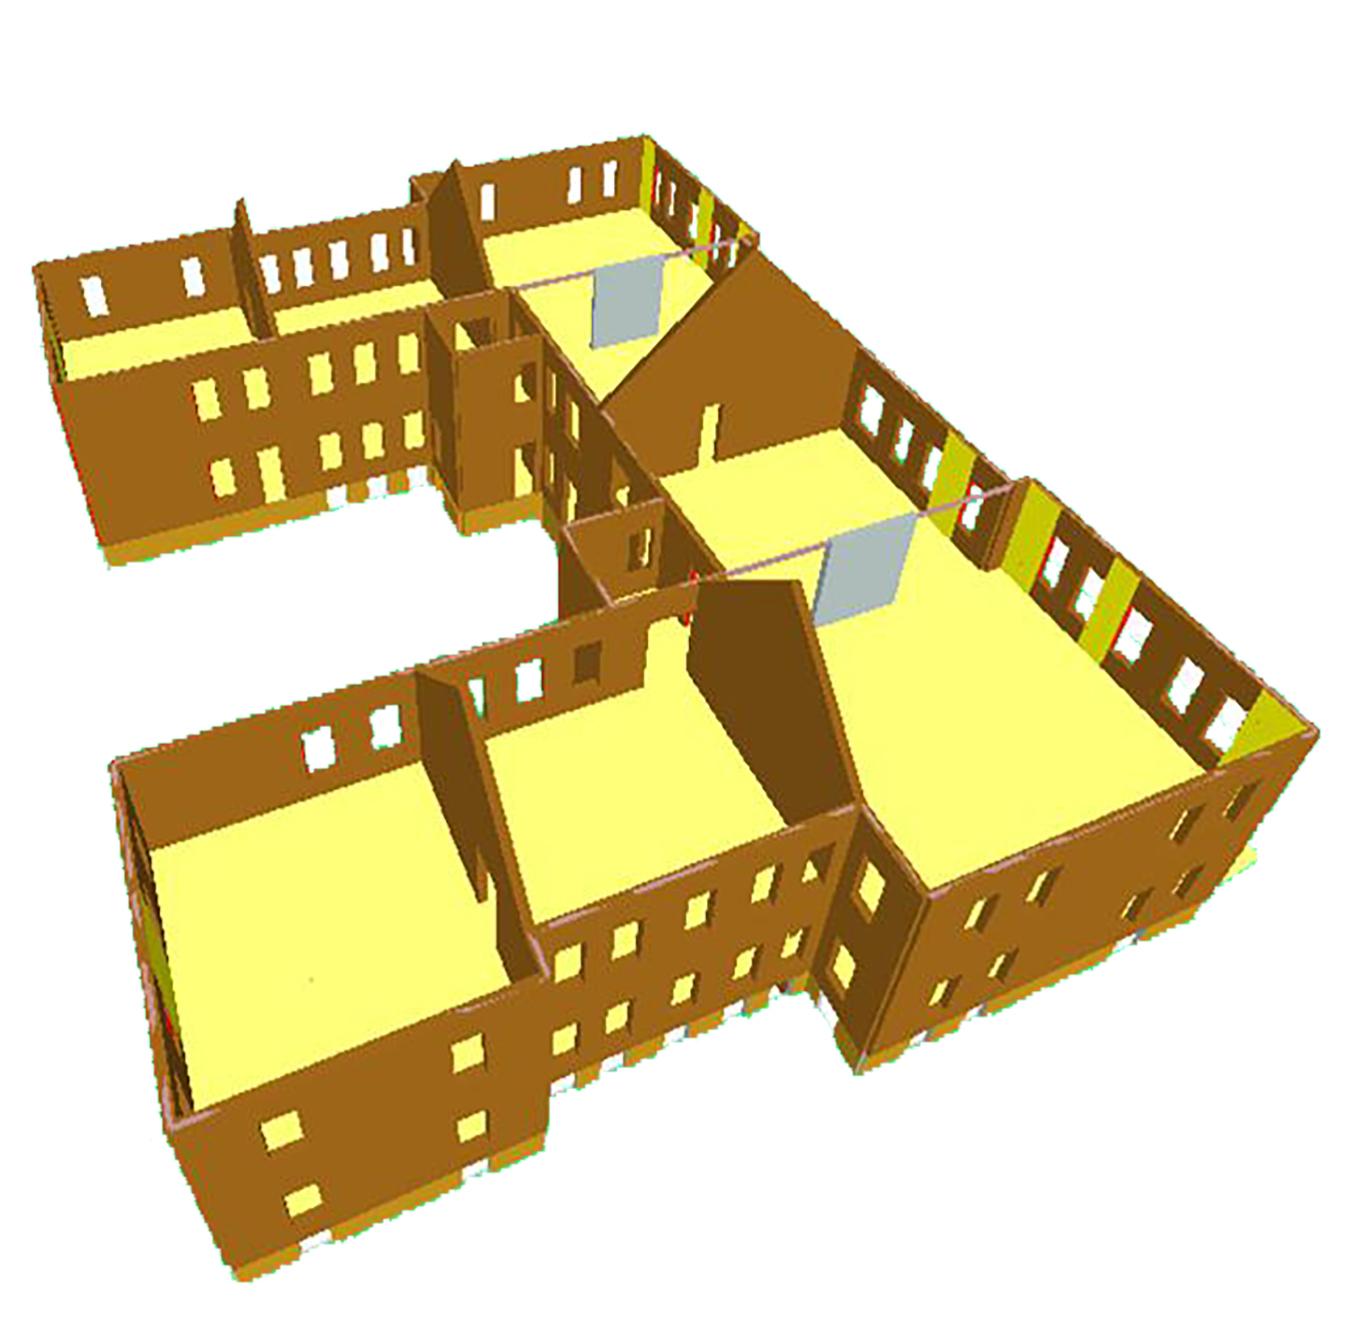 Presidio retrofit diagram